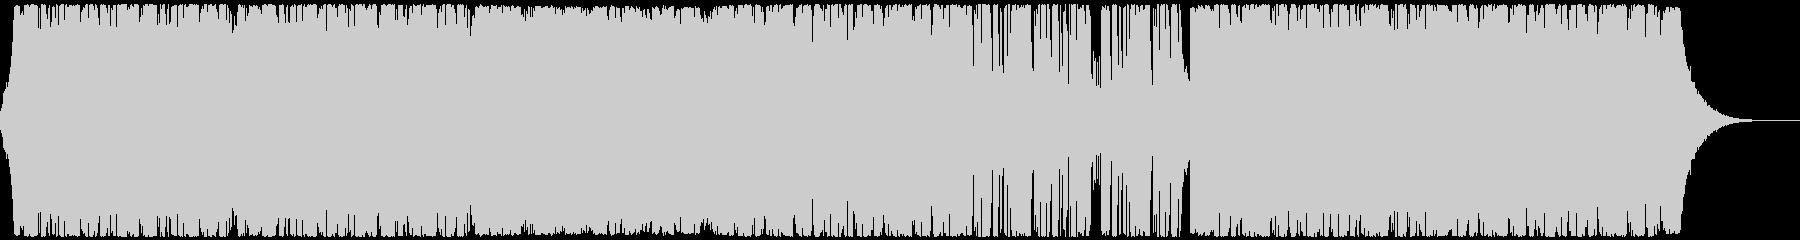 清々しくて軽快なアーバンEDMサウンドの未再生の波形